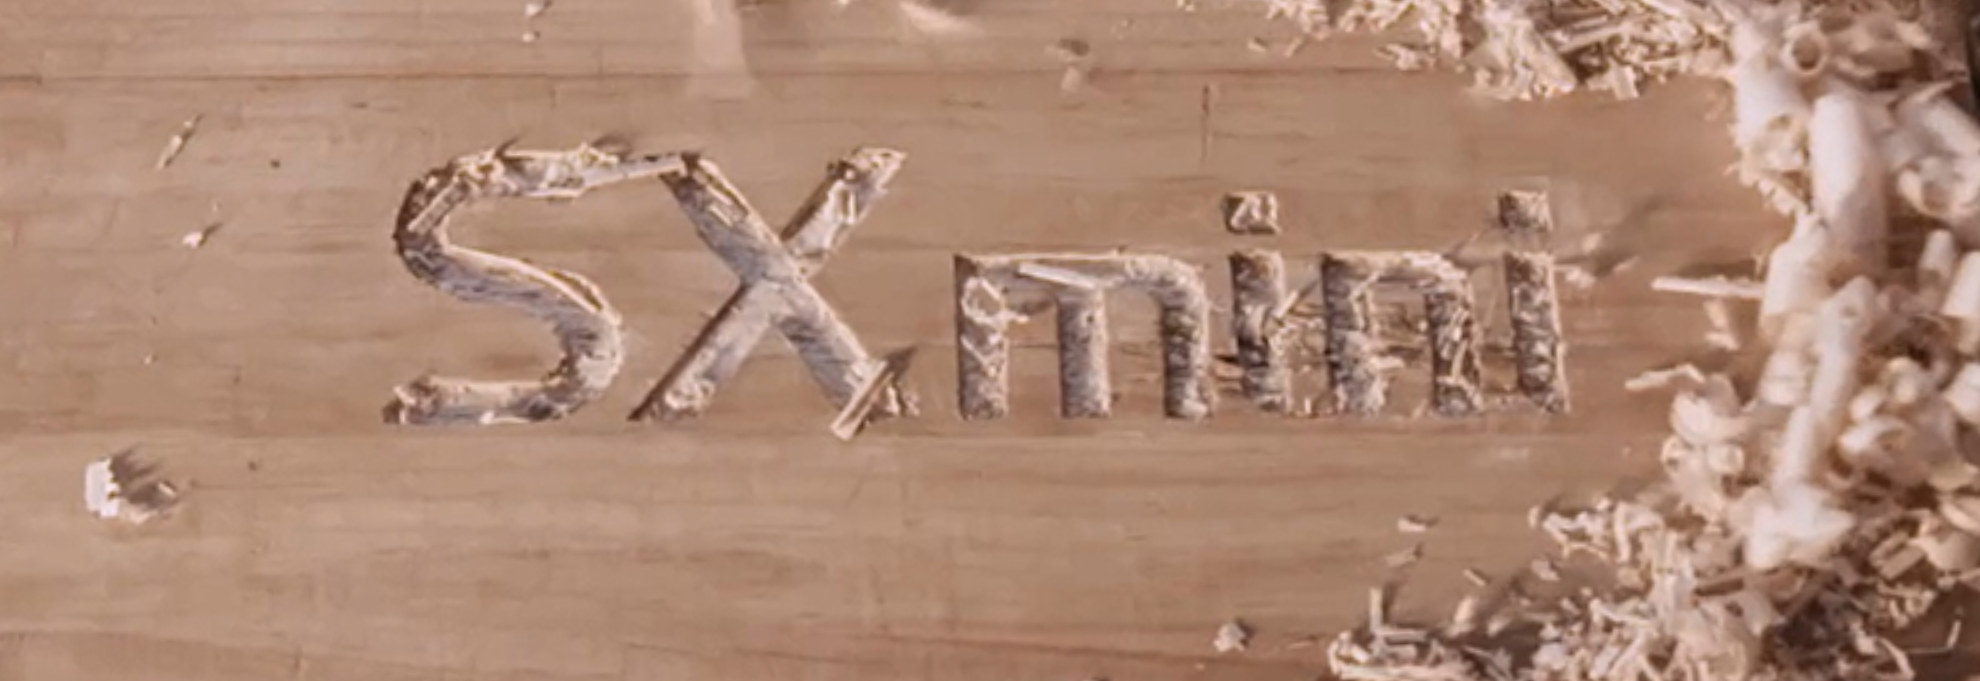 sx-mini-sl-class-yihi-sxmini.jpg